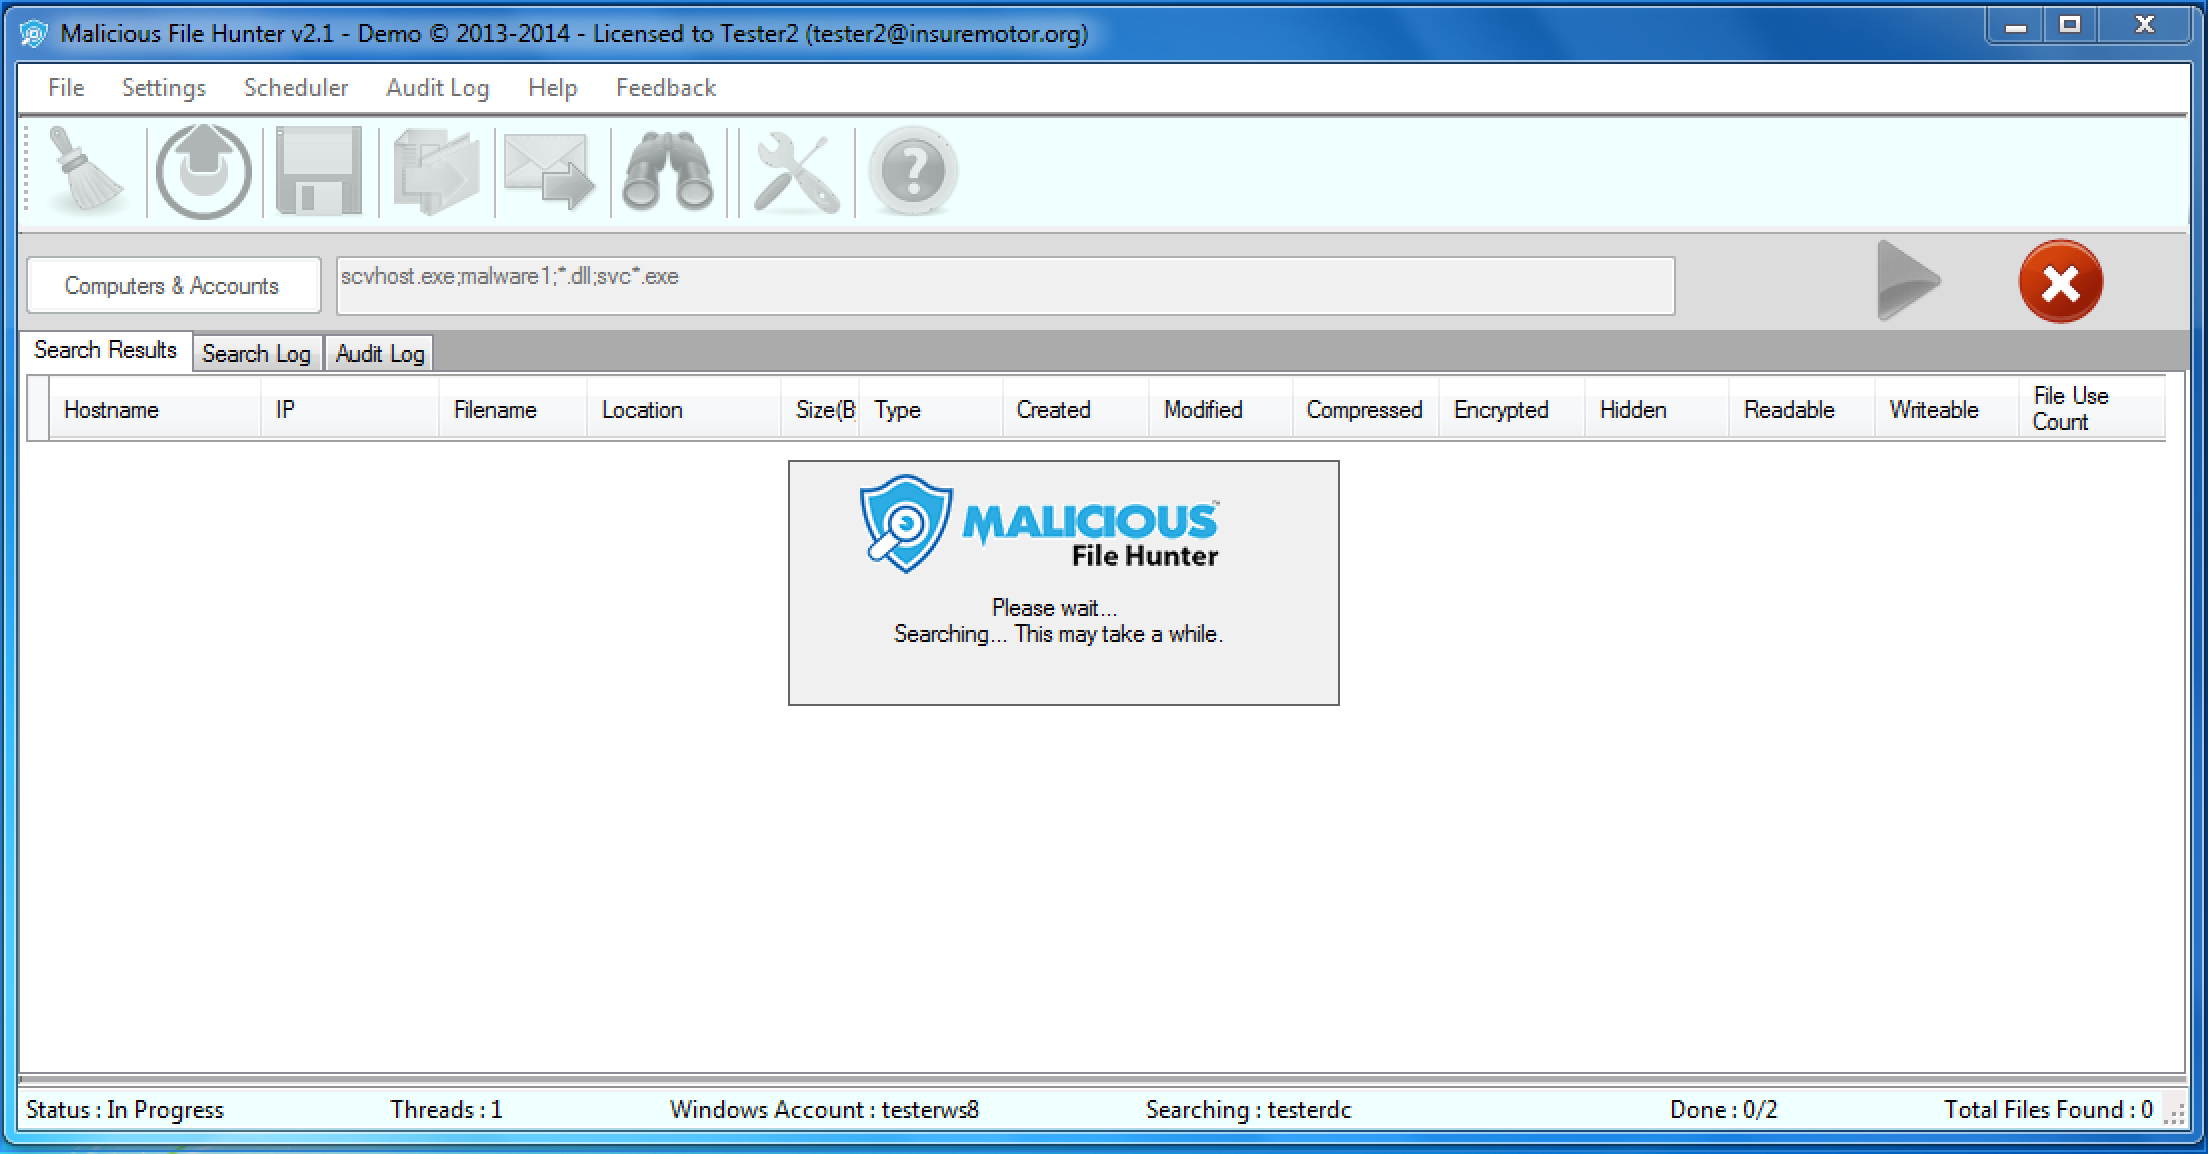 Malicious File Hunter (mfhsoftware) on Pinterest